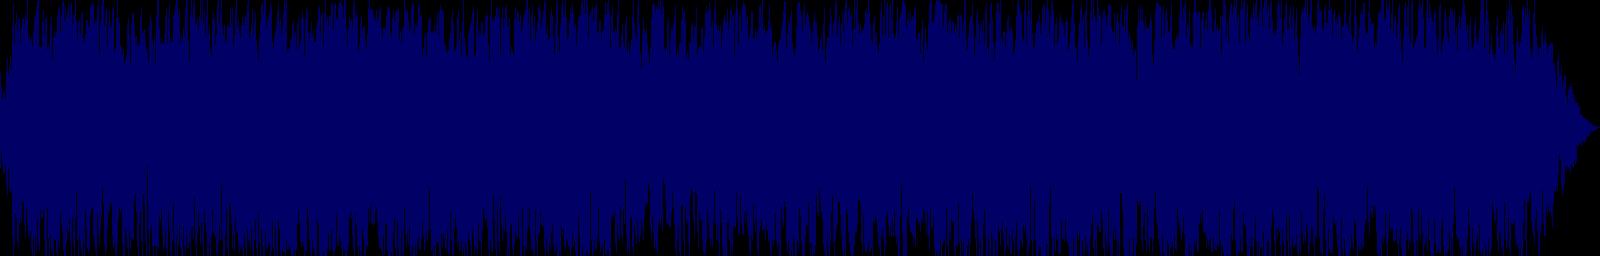 waveform of track #144201